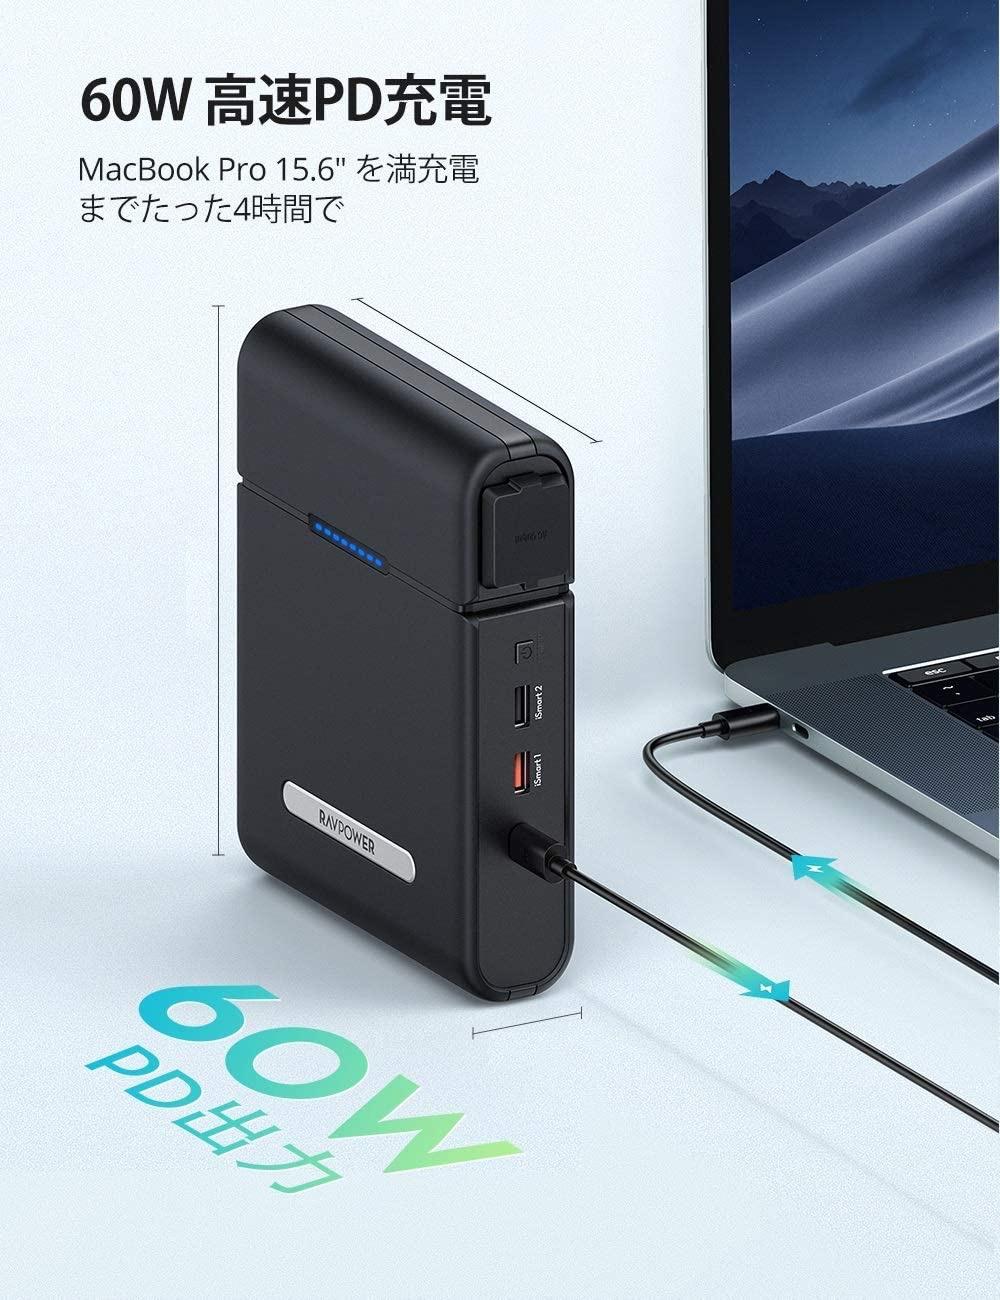 【RAVPower】AC100W出力・QC/PDに対応した大容量30,000mAhモバイルバッテリー「RP-PB05」発売開始